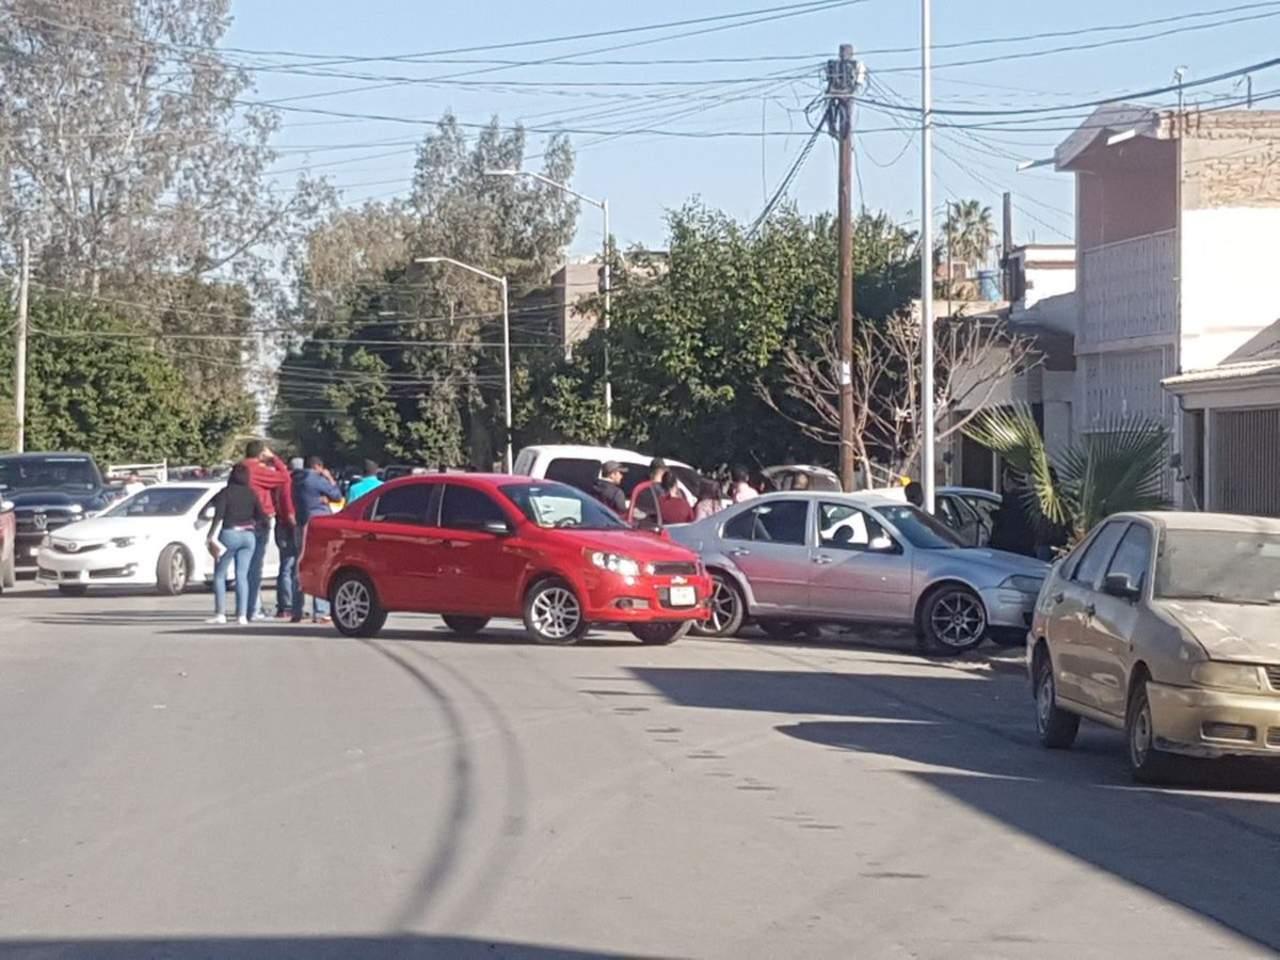 Encuentran dos cuerpos en cajuela de un vehículo en Torreón